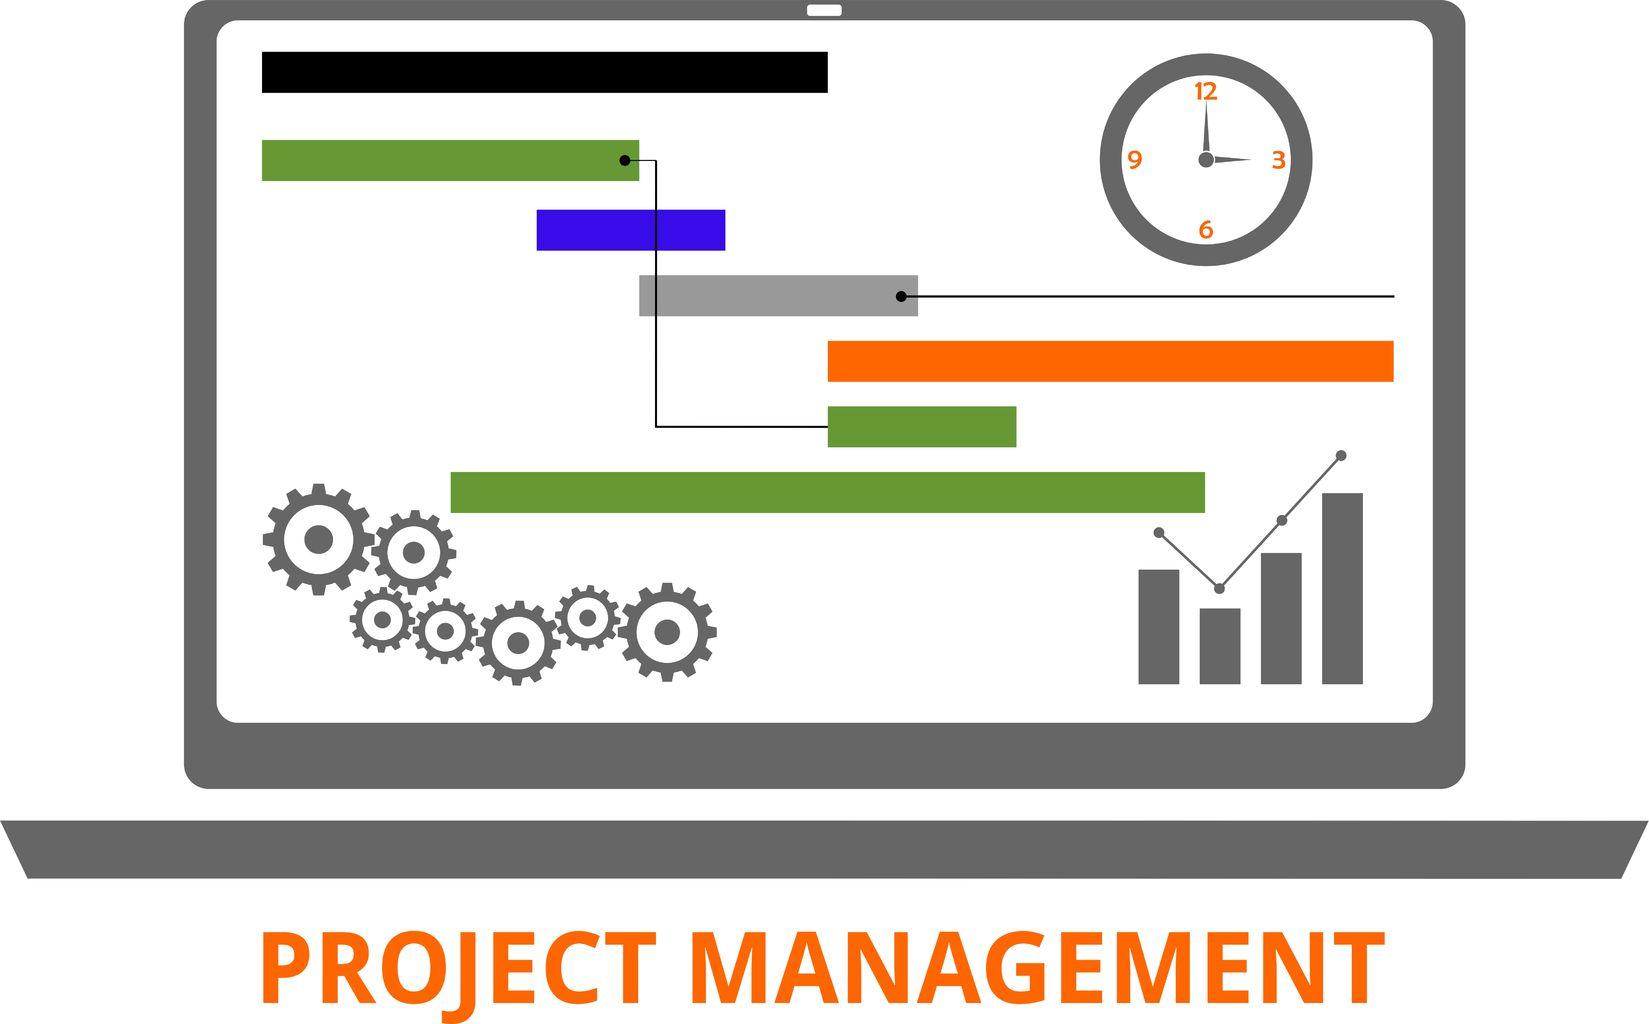 Herramientas para administraci n de proyectos for Administracion de proyectos